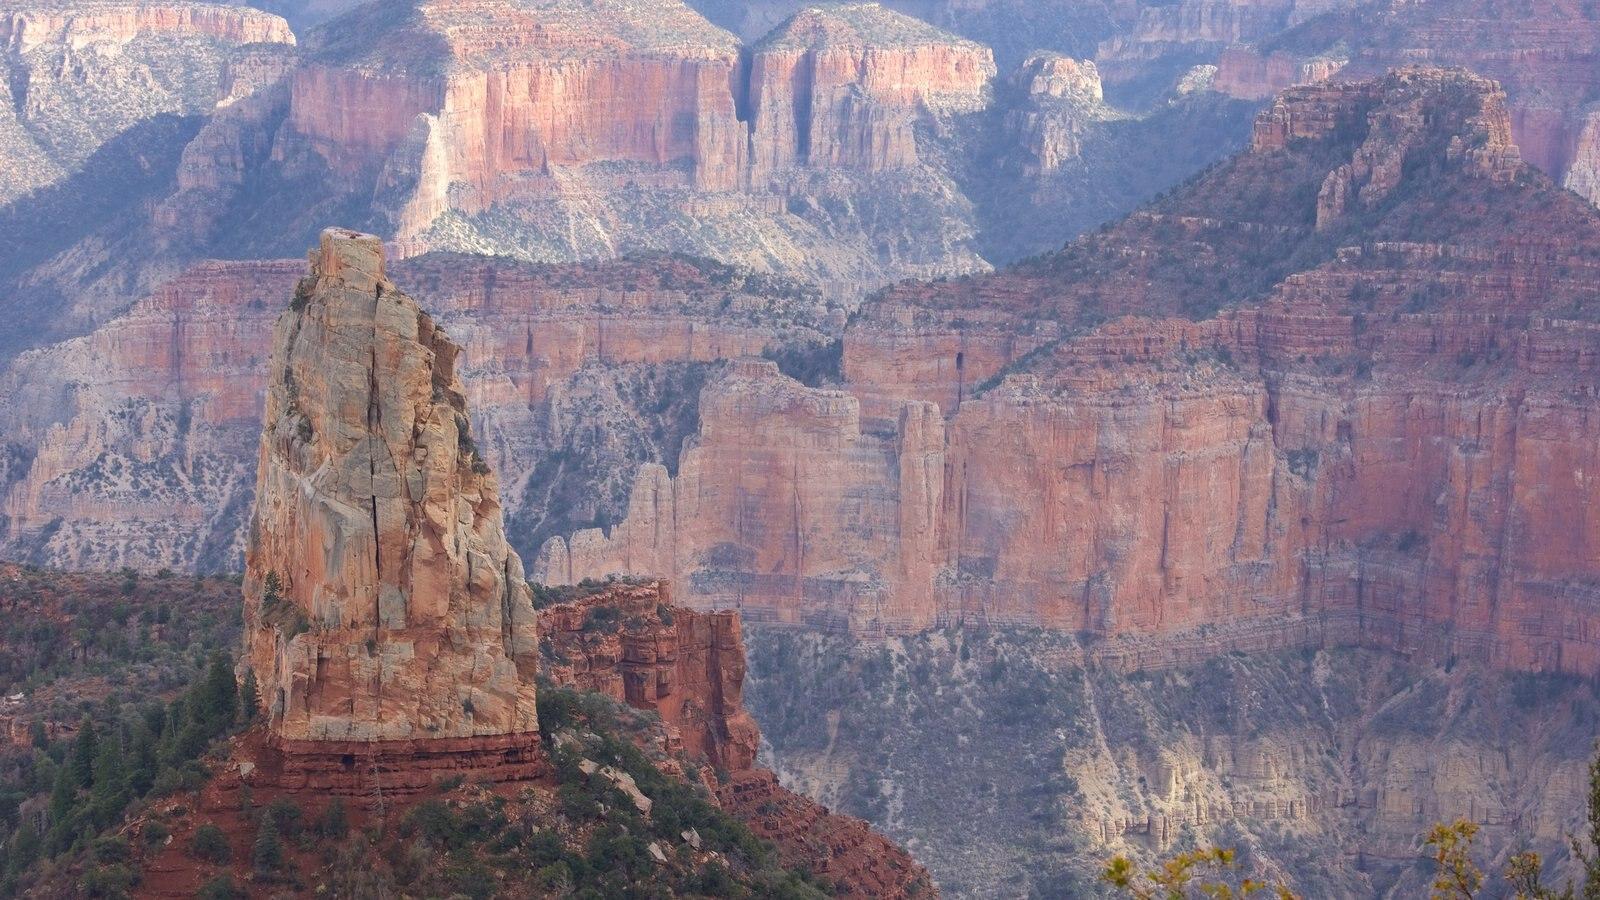 North Rim que inclui cenas tranquilas, paisagens do deserto e um desfiladeiro ou canyon